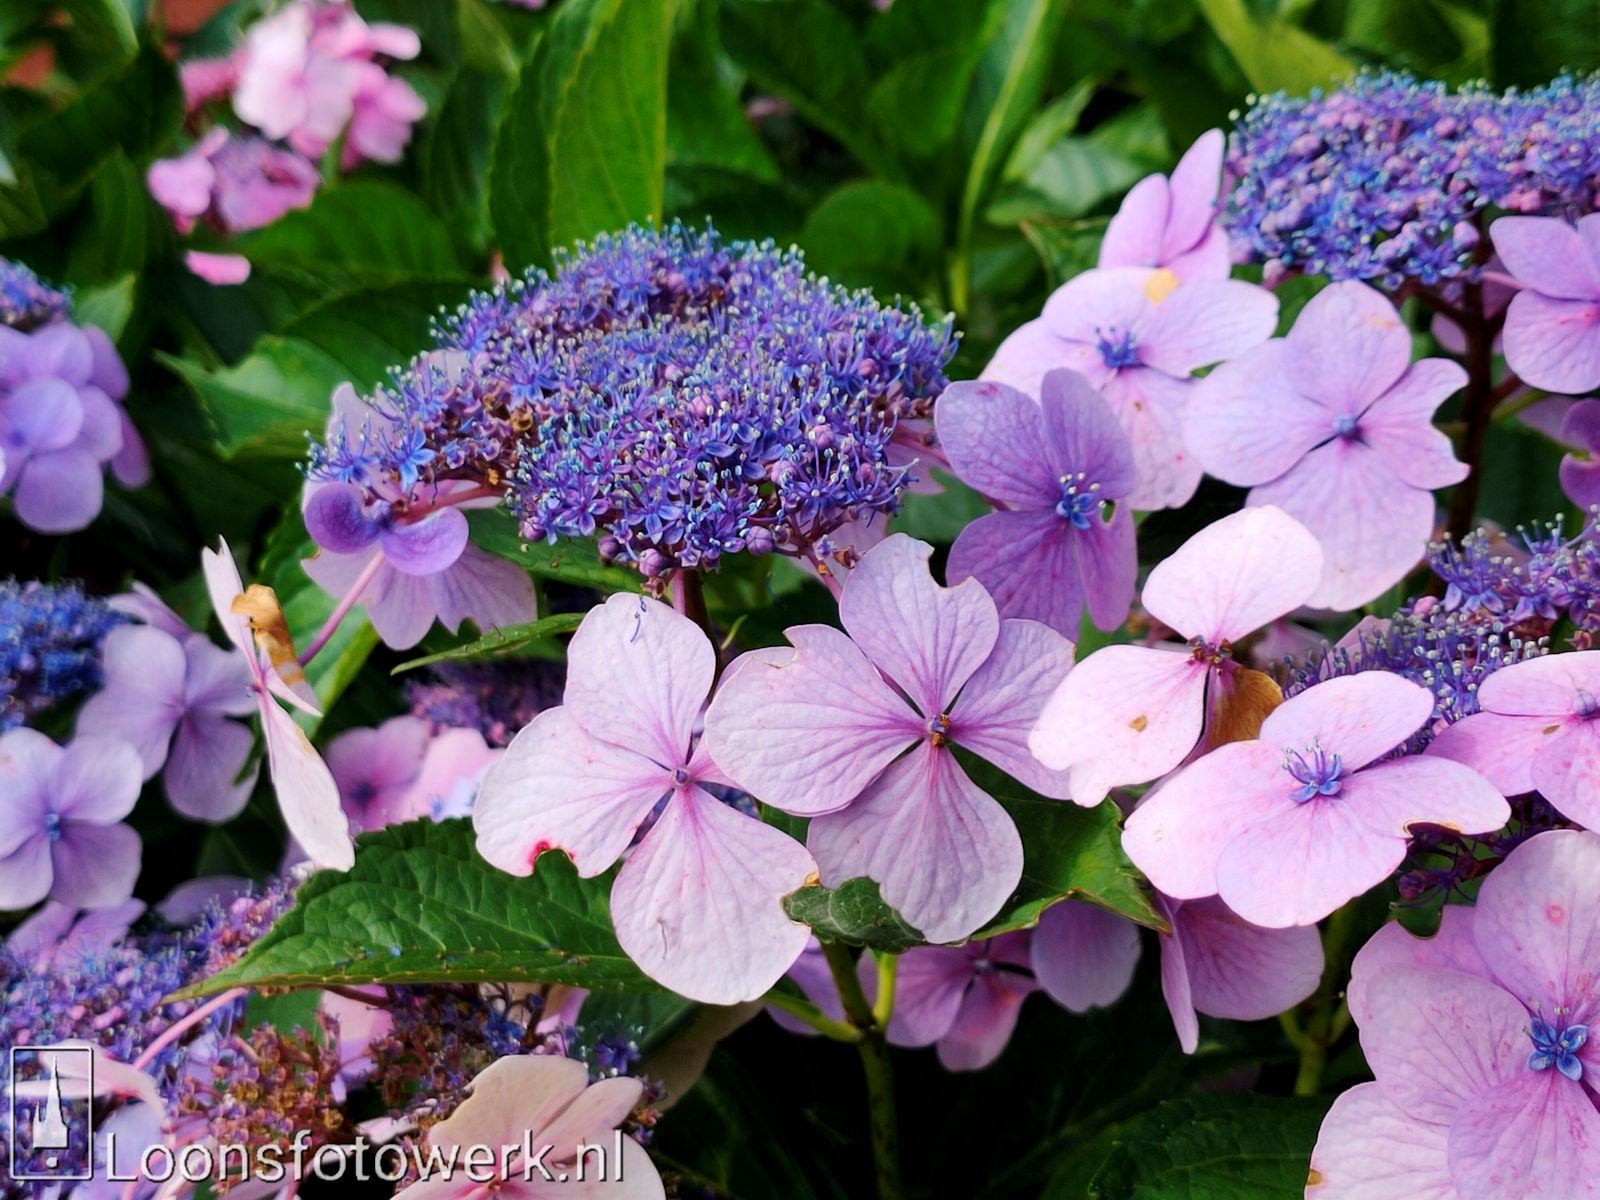 Bloemenpracht industrieterrein De Hoogt 30